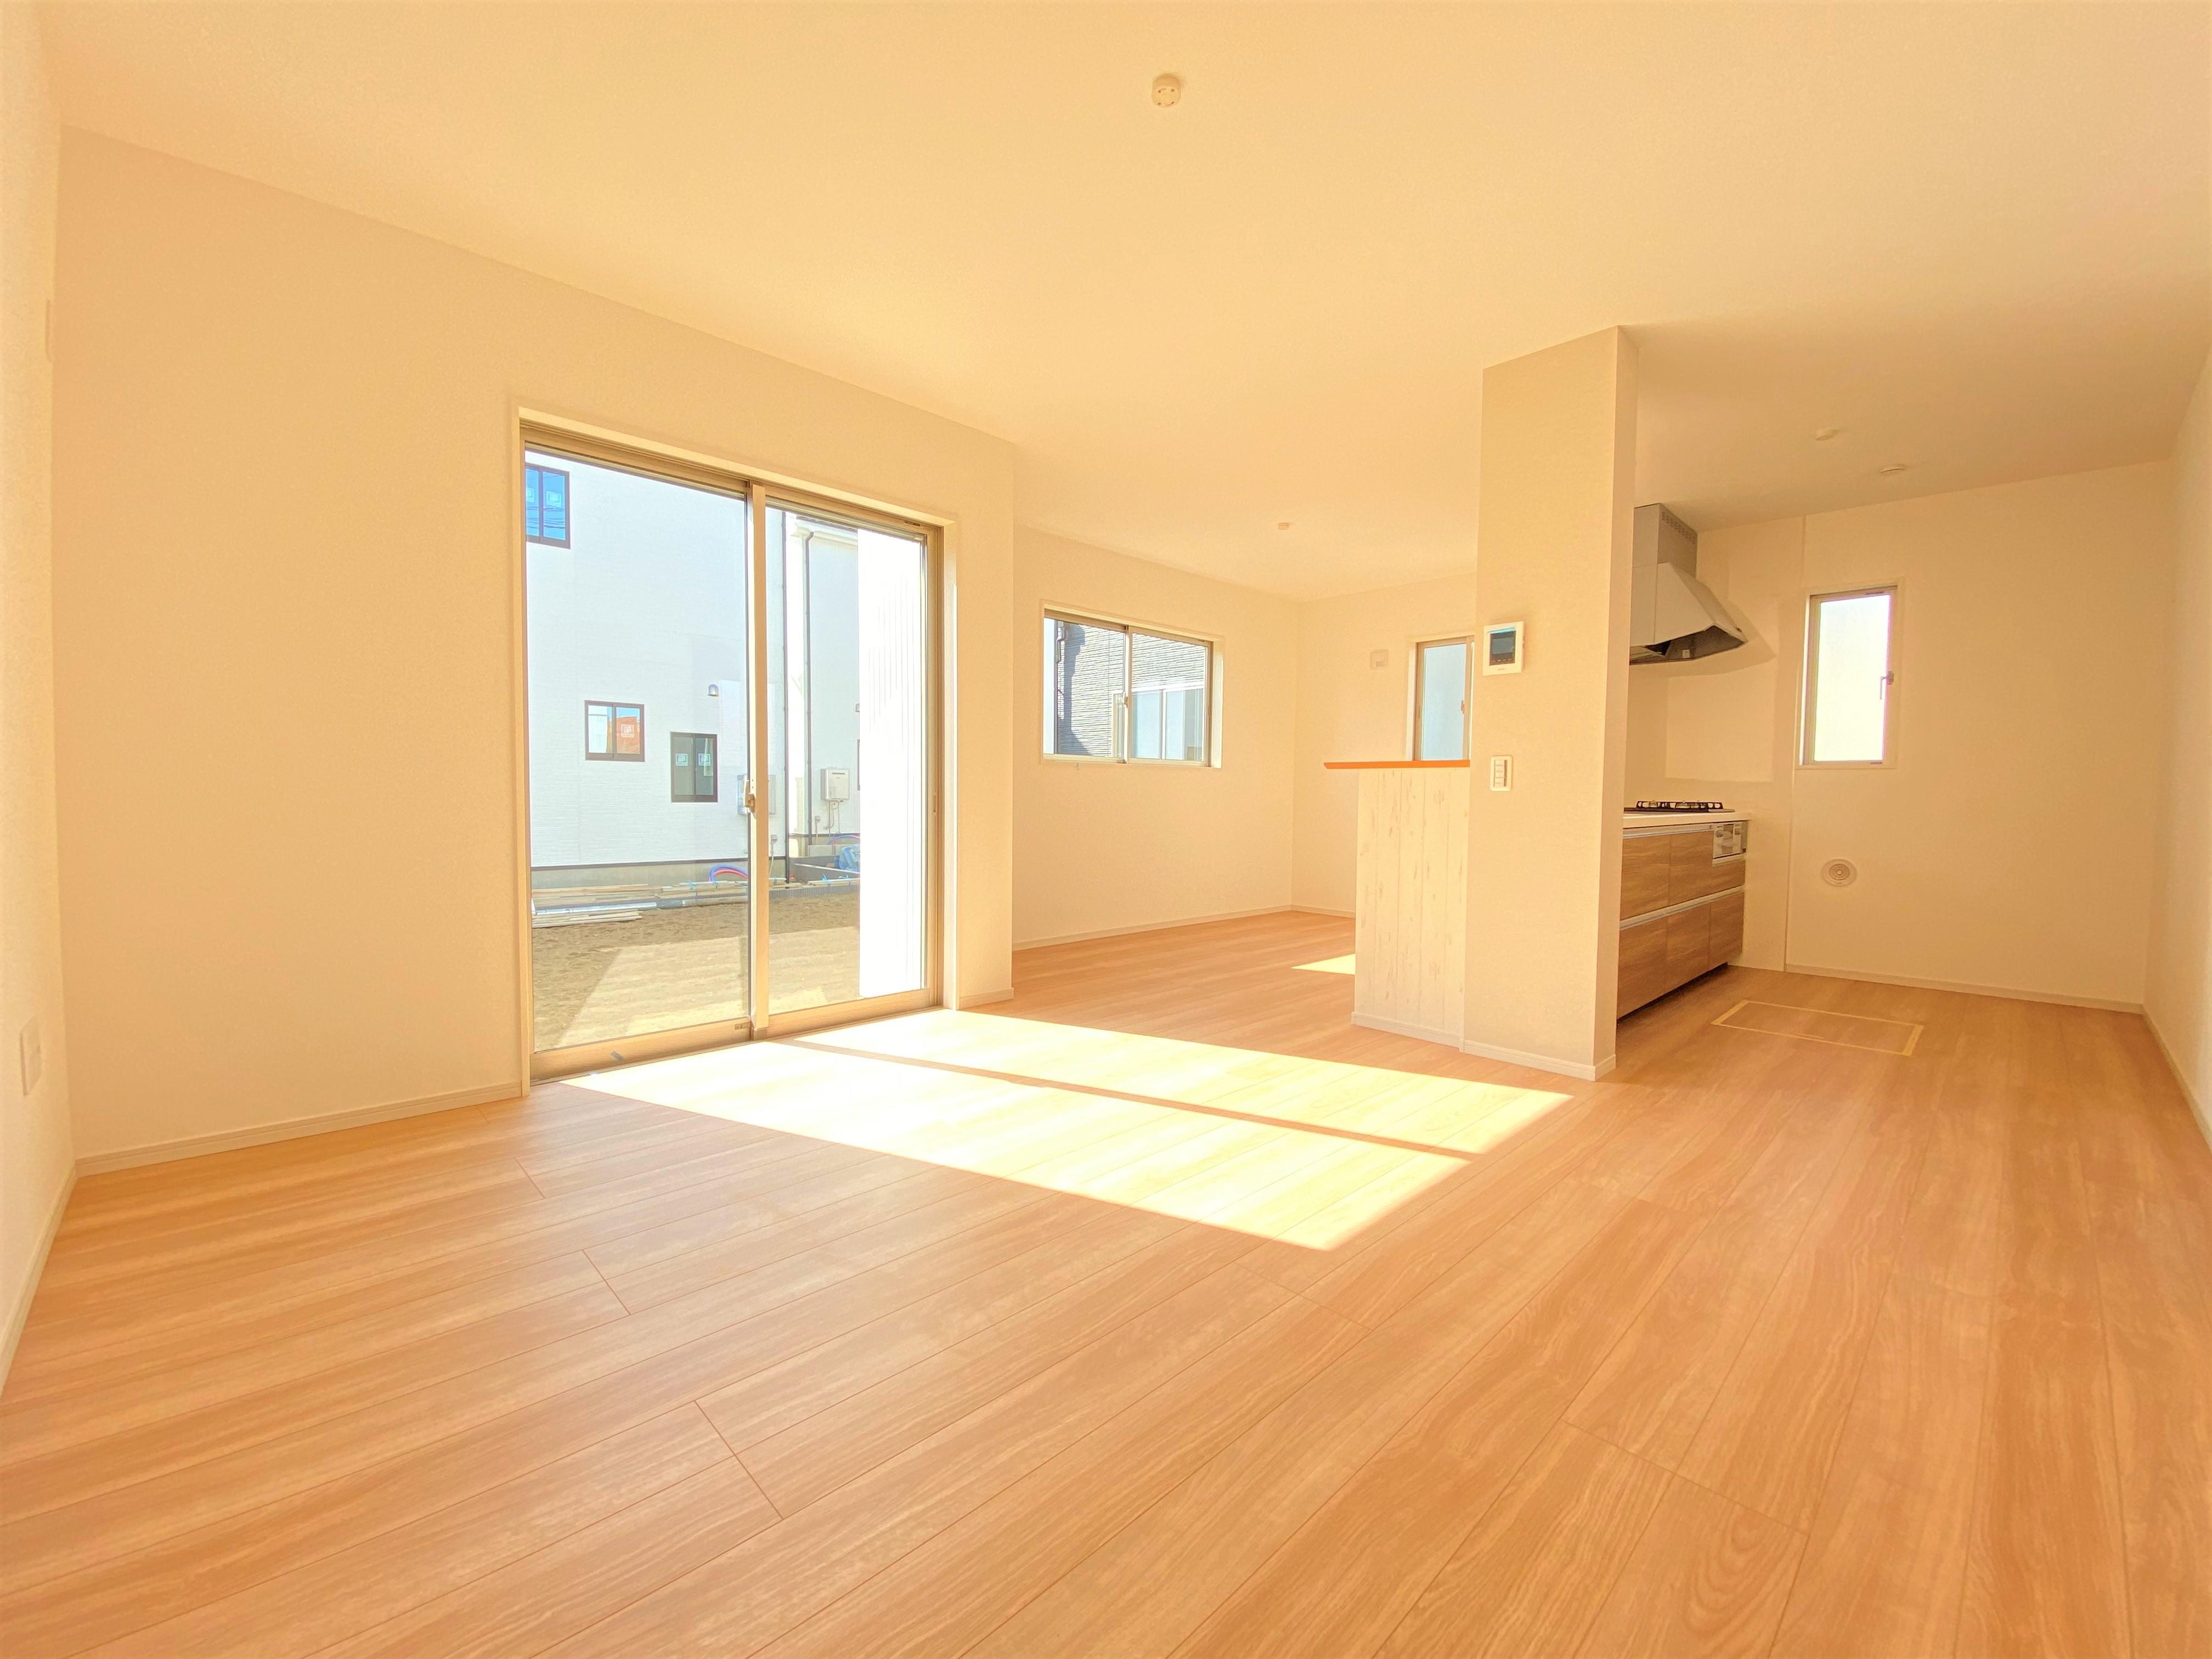 2号棟|窓から明るく陽光が降り注ぎ、自然の光をたくさん取り込んでくれます。家族が毎日集う場所だからこそ、気持ちの良い空間で過ごしたいですね。